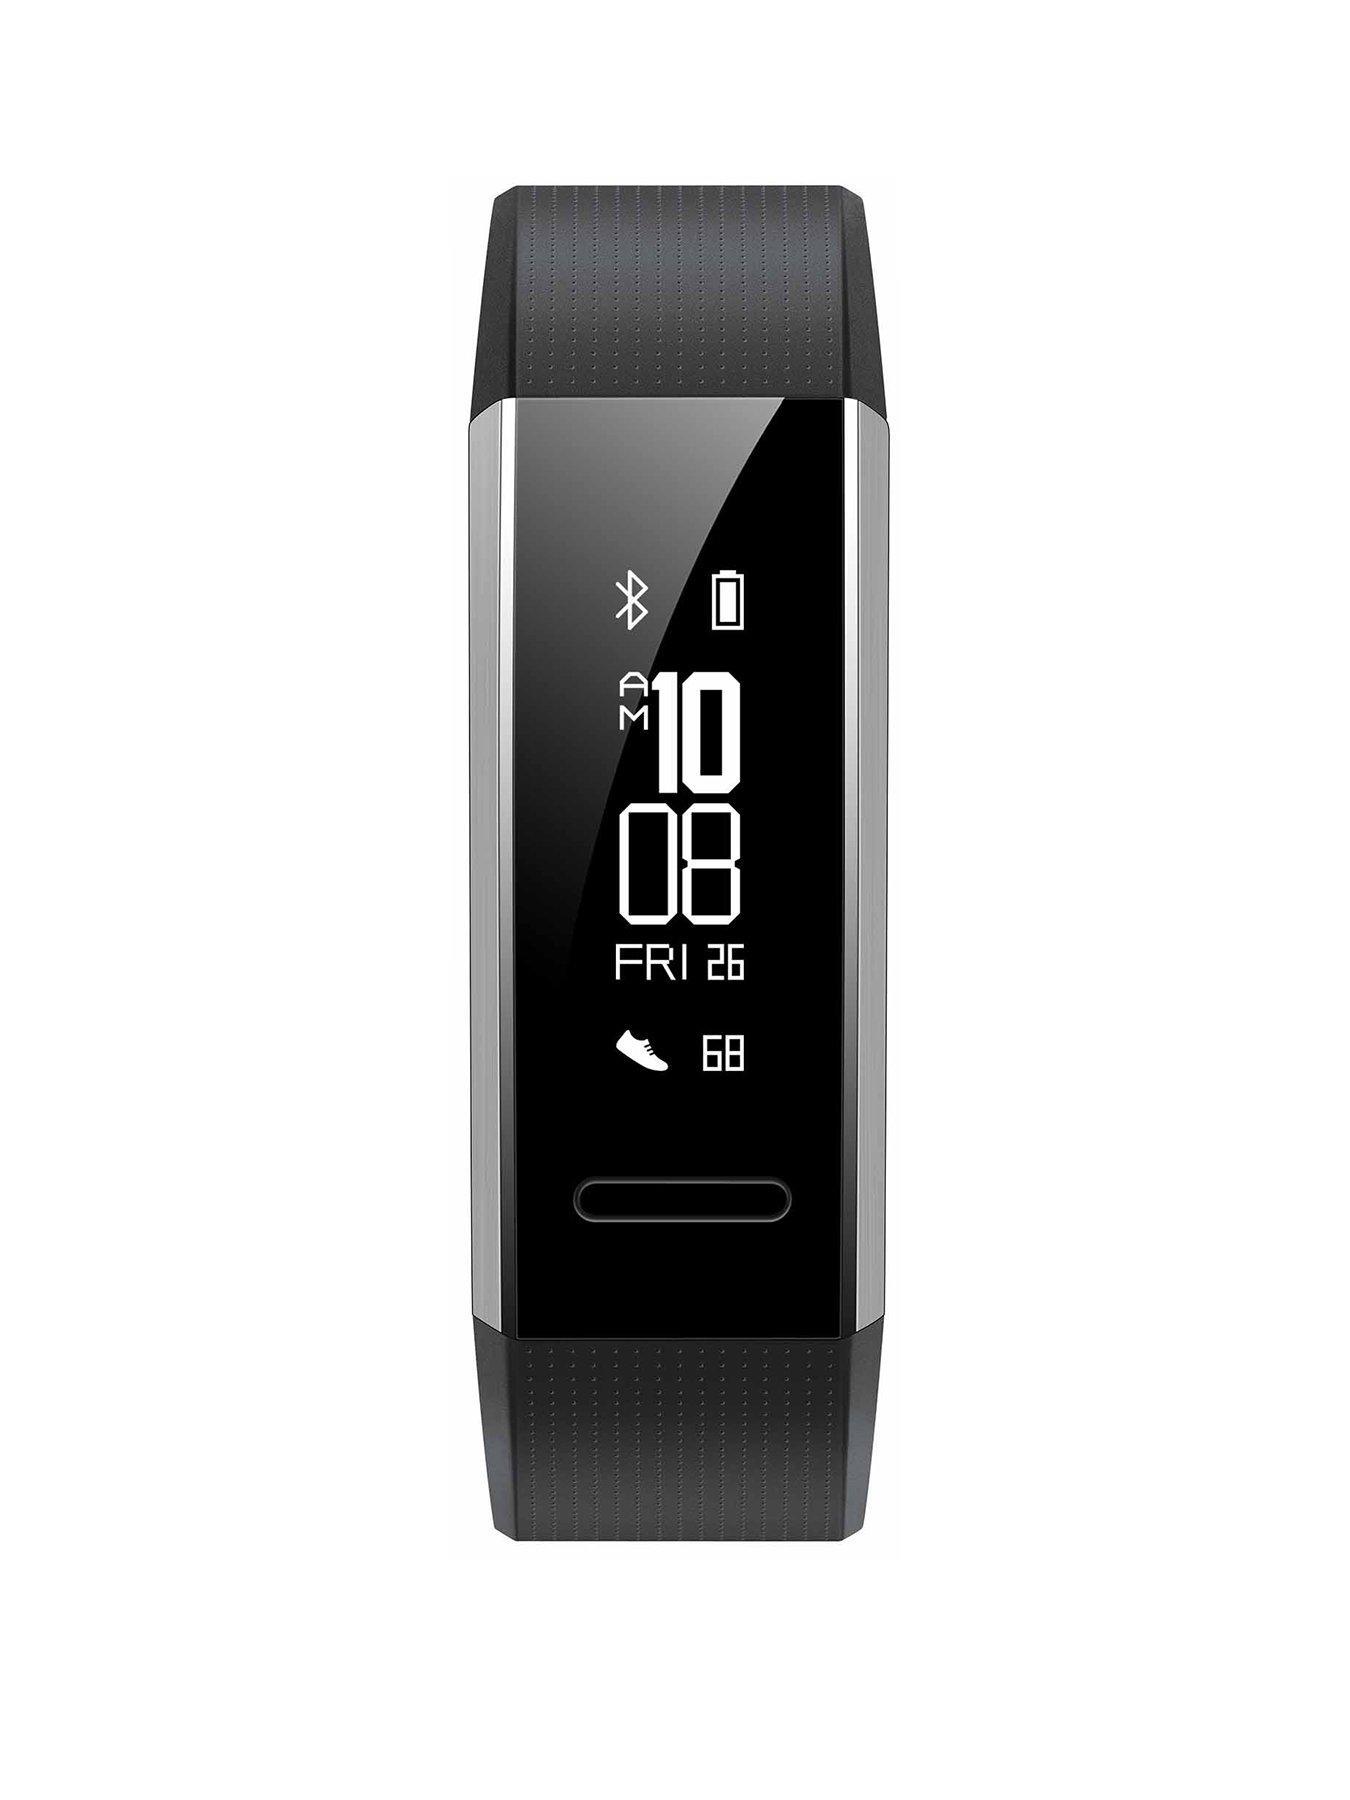 Huawei Band 2 Pro Braccialetto per rilevamento di attività Nero PMOLED